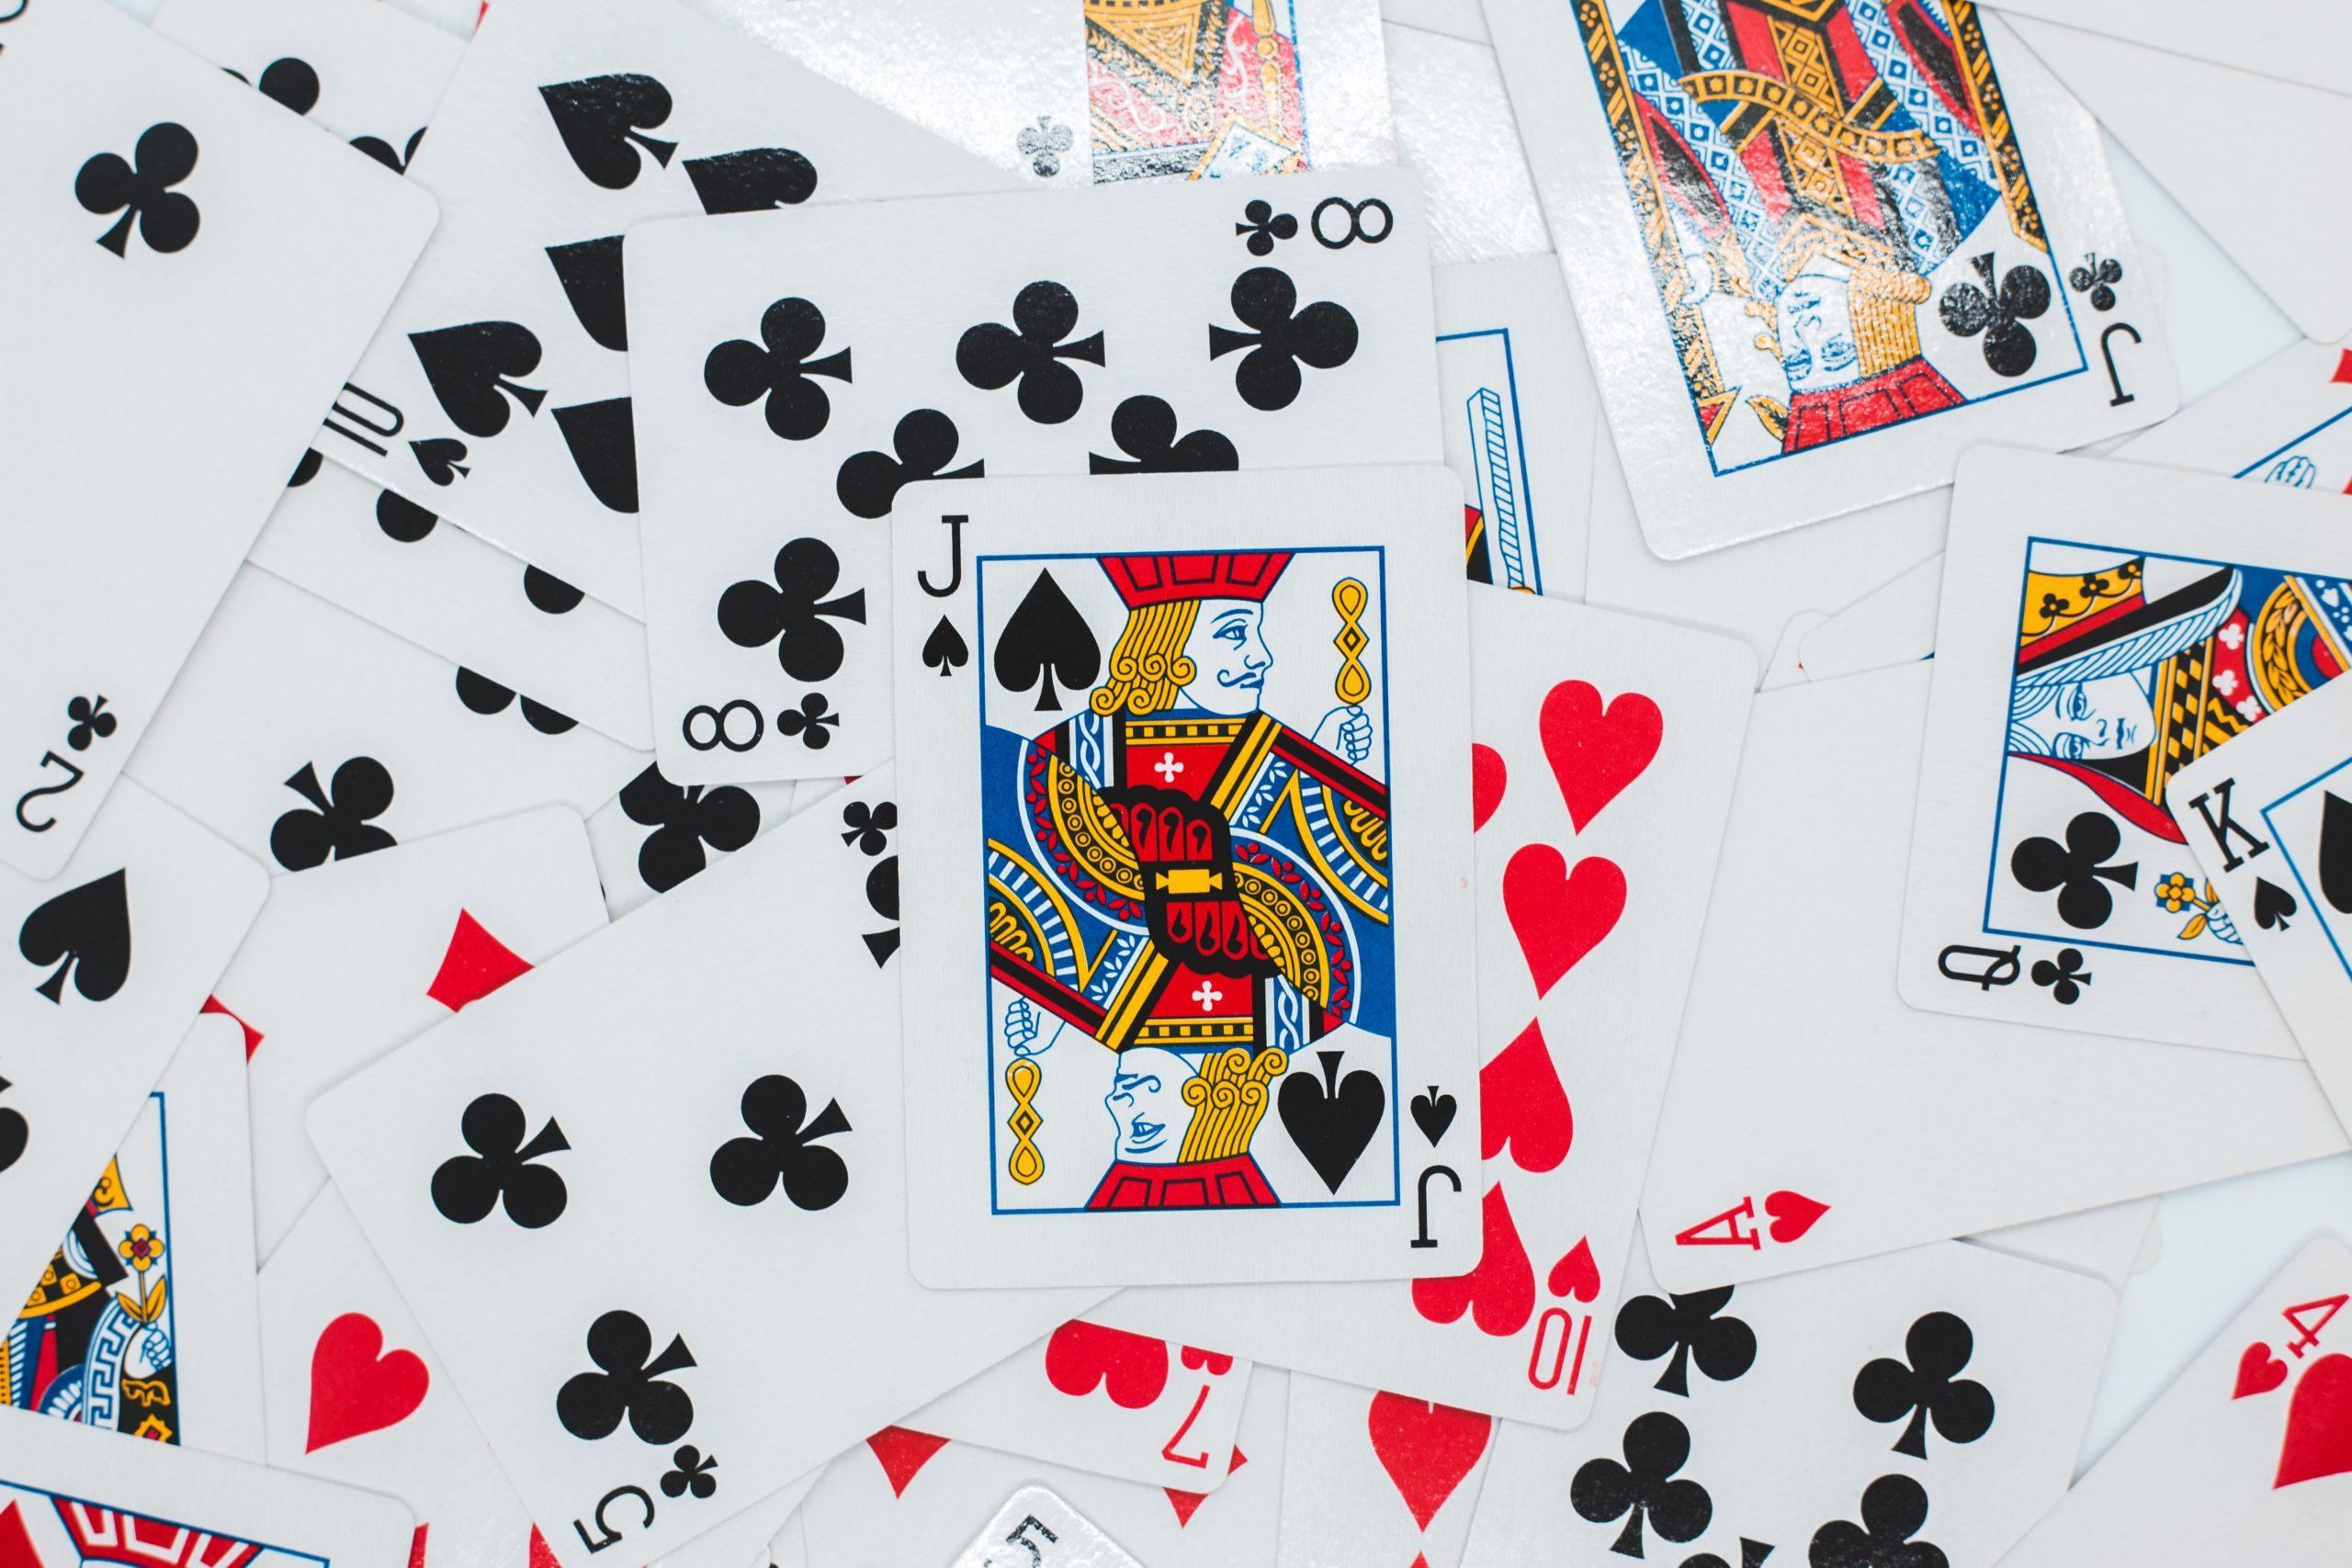 Cómo jugar a juegos de cartas clásicos